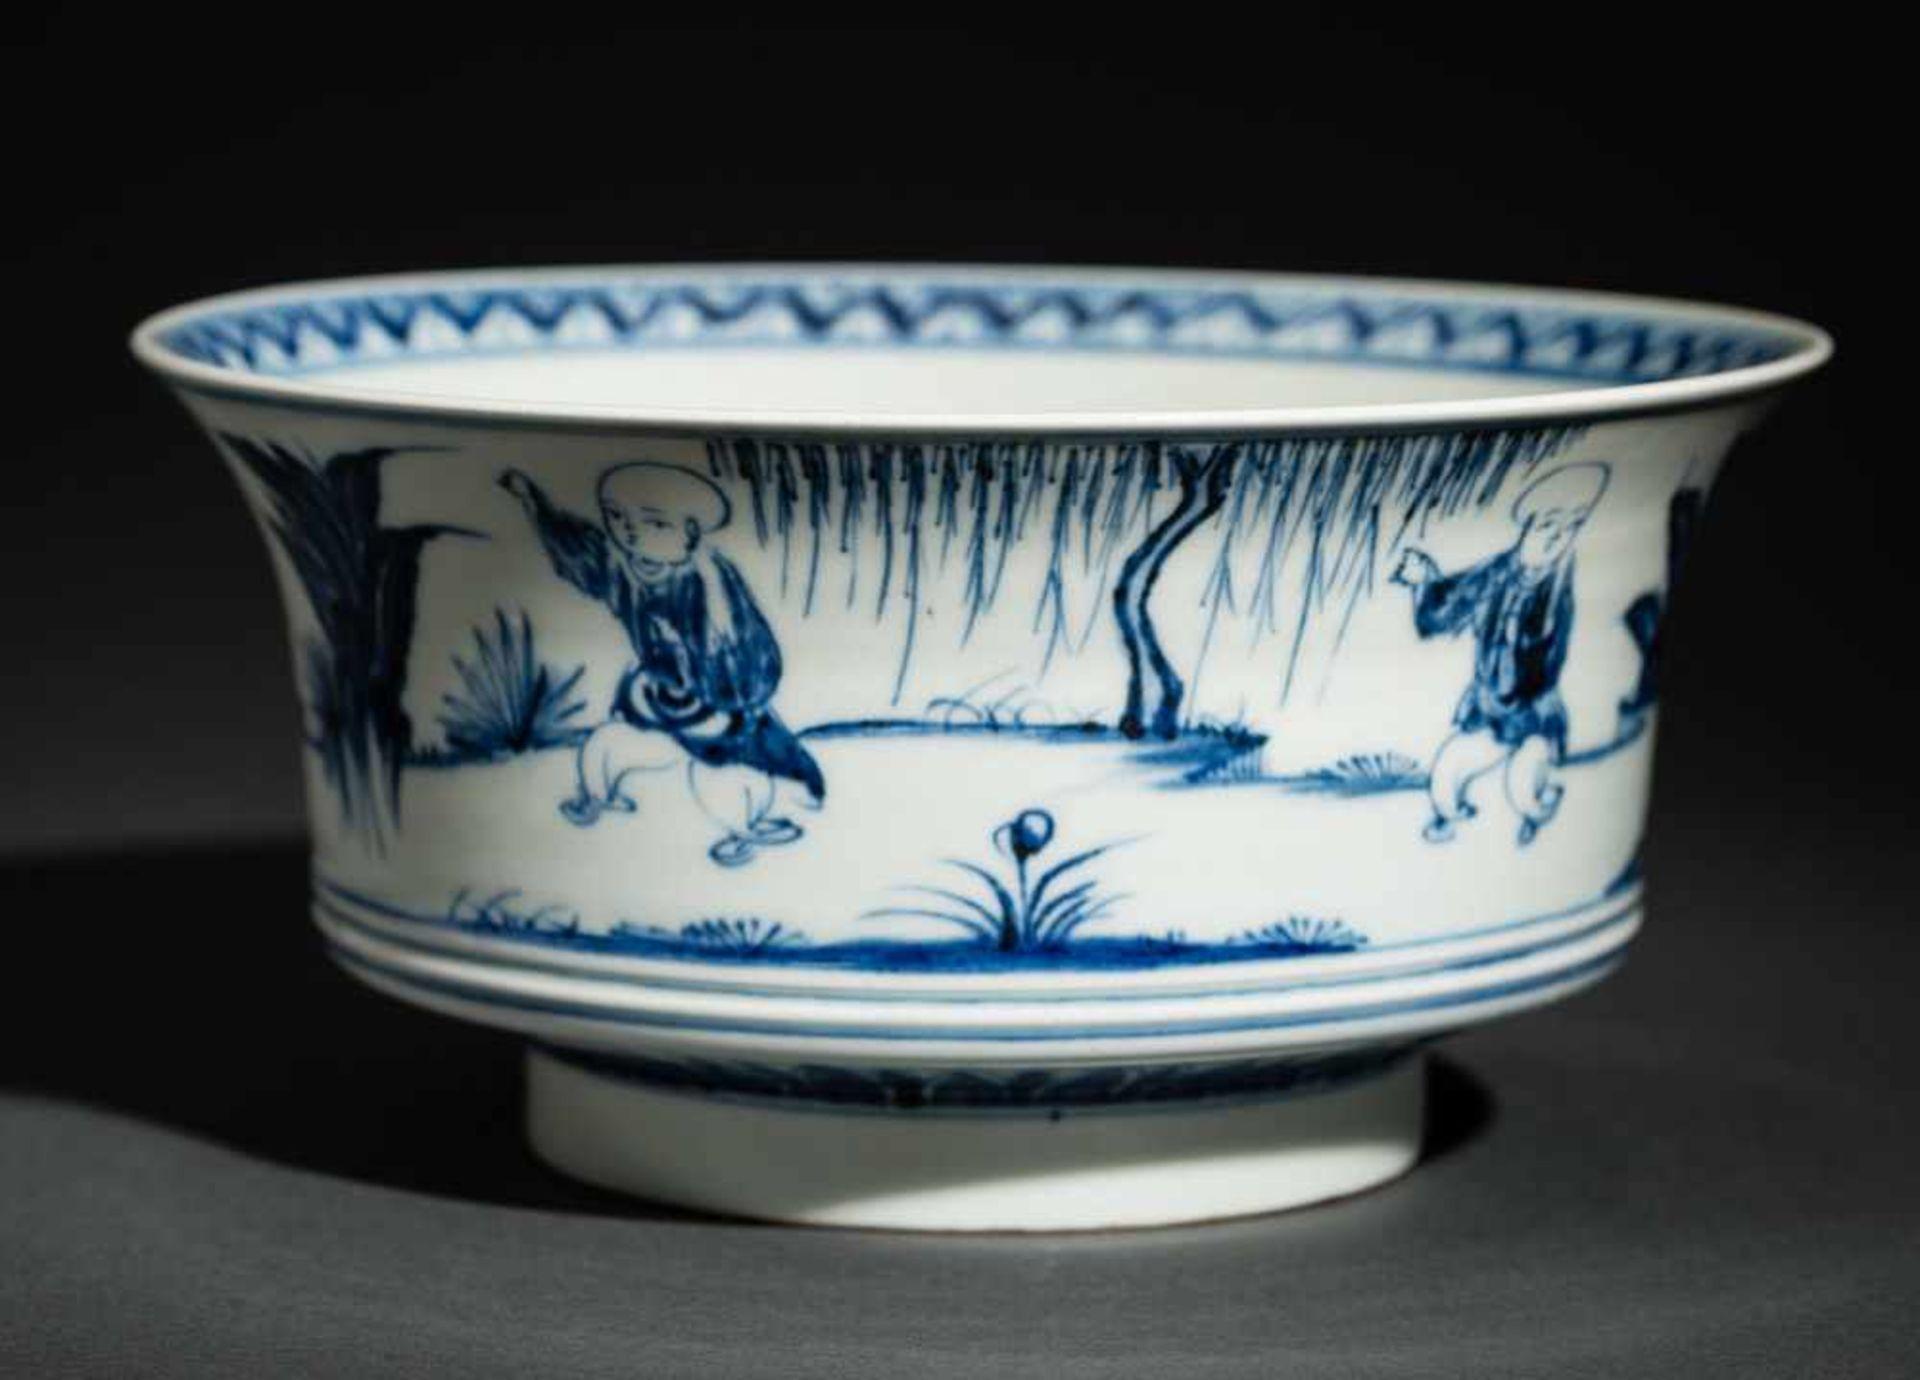 TIEFE SCHALE MIT SPIELENDEN KNABEN Blauweißes Porzellan. China, Auf der nach außen geschwungenen - Image 3 of 6